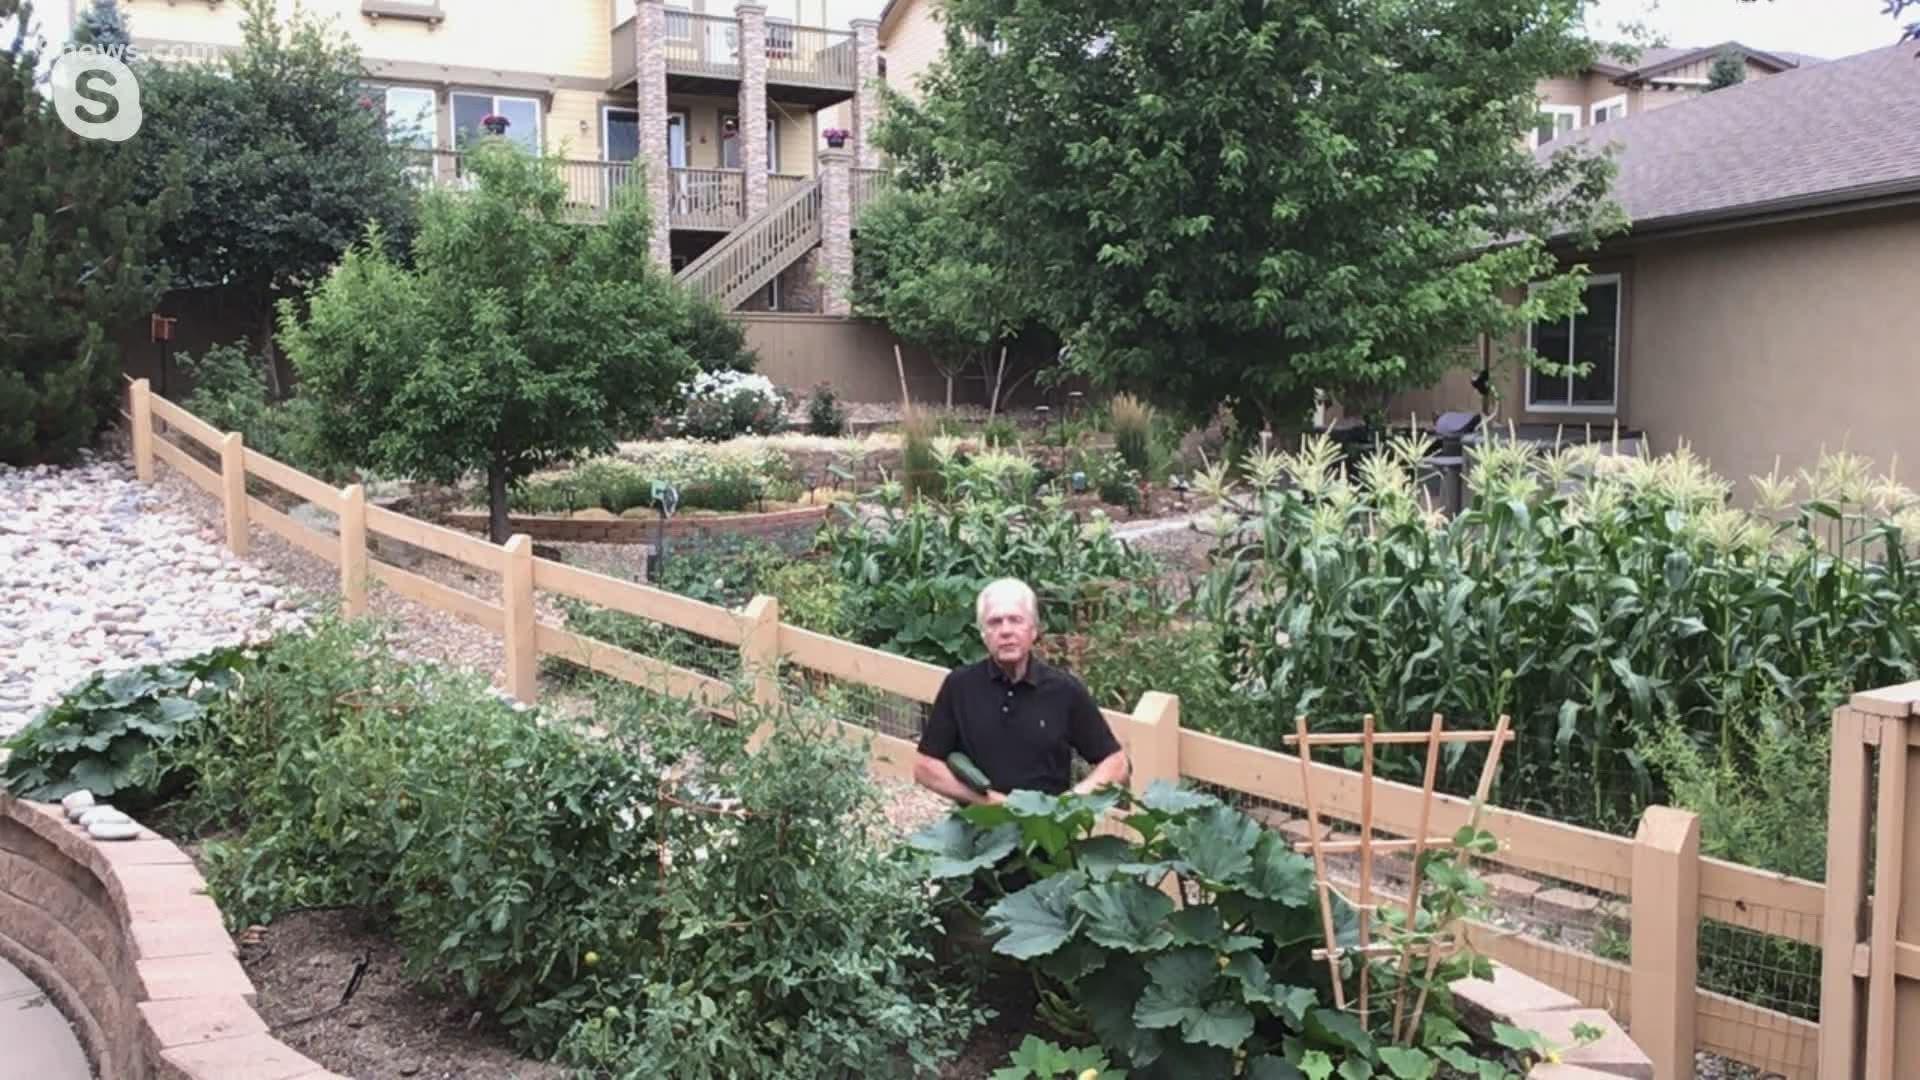 Colorado Garden Centers See Big Sales Amid Covid Pandemic Wthr Com